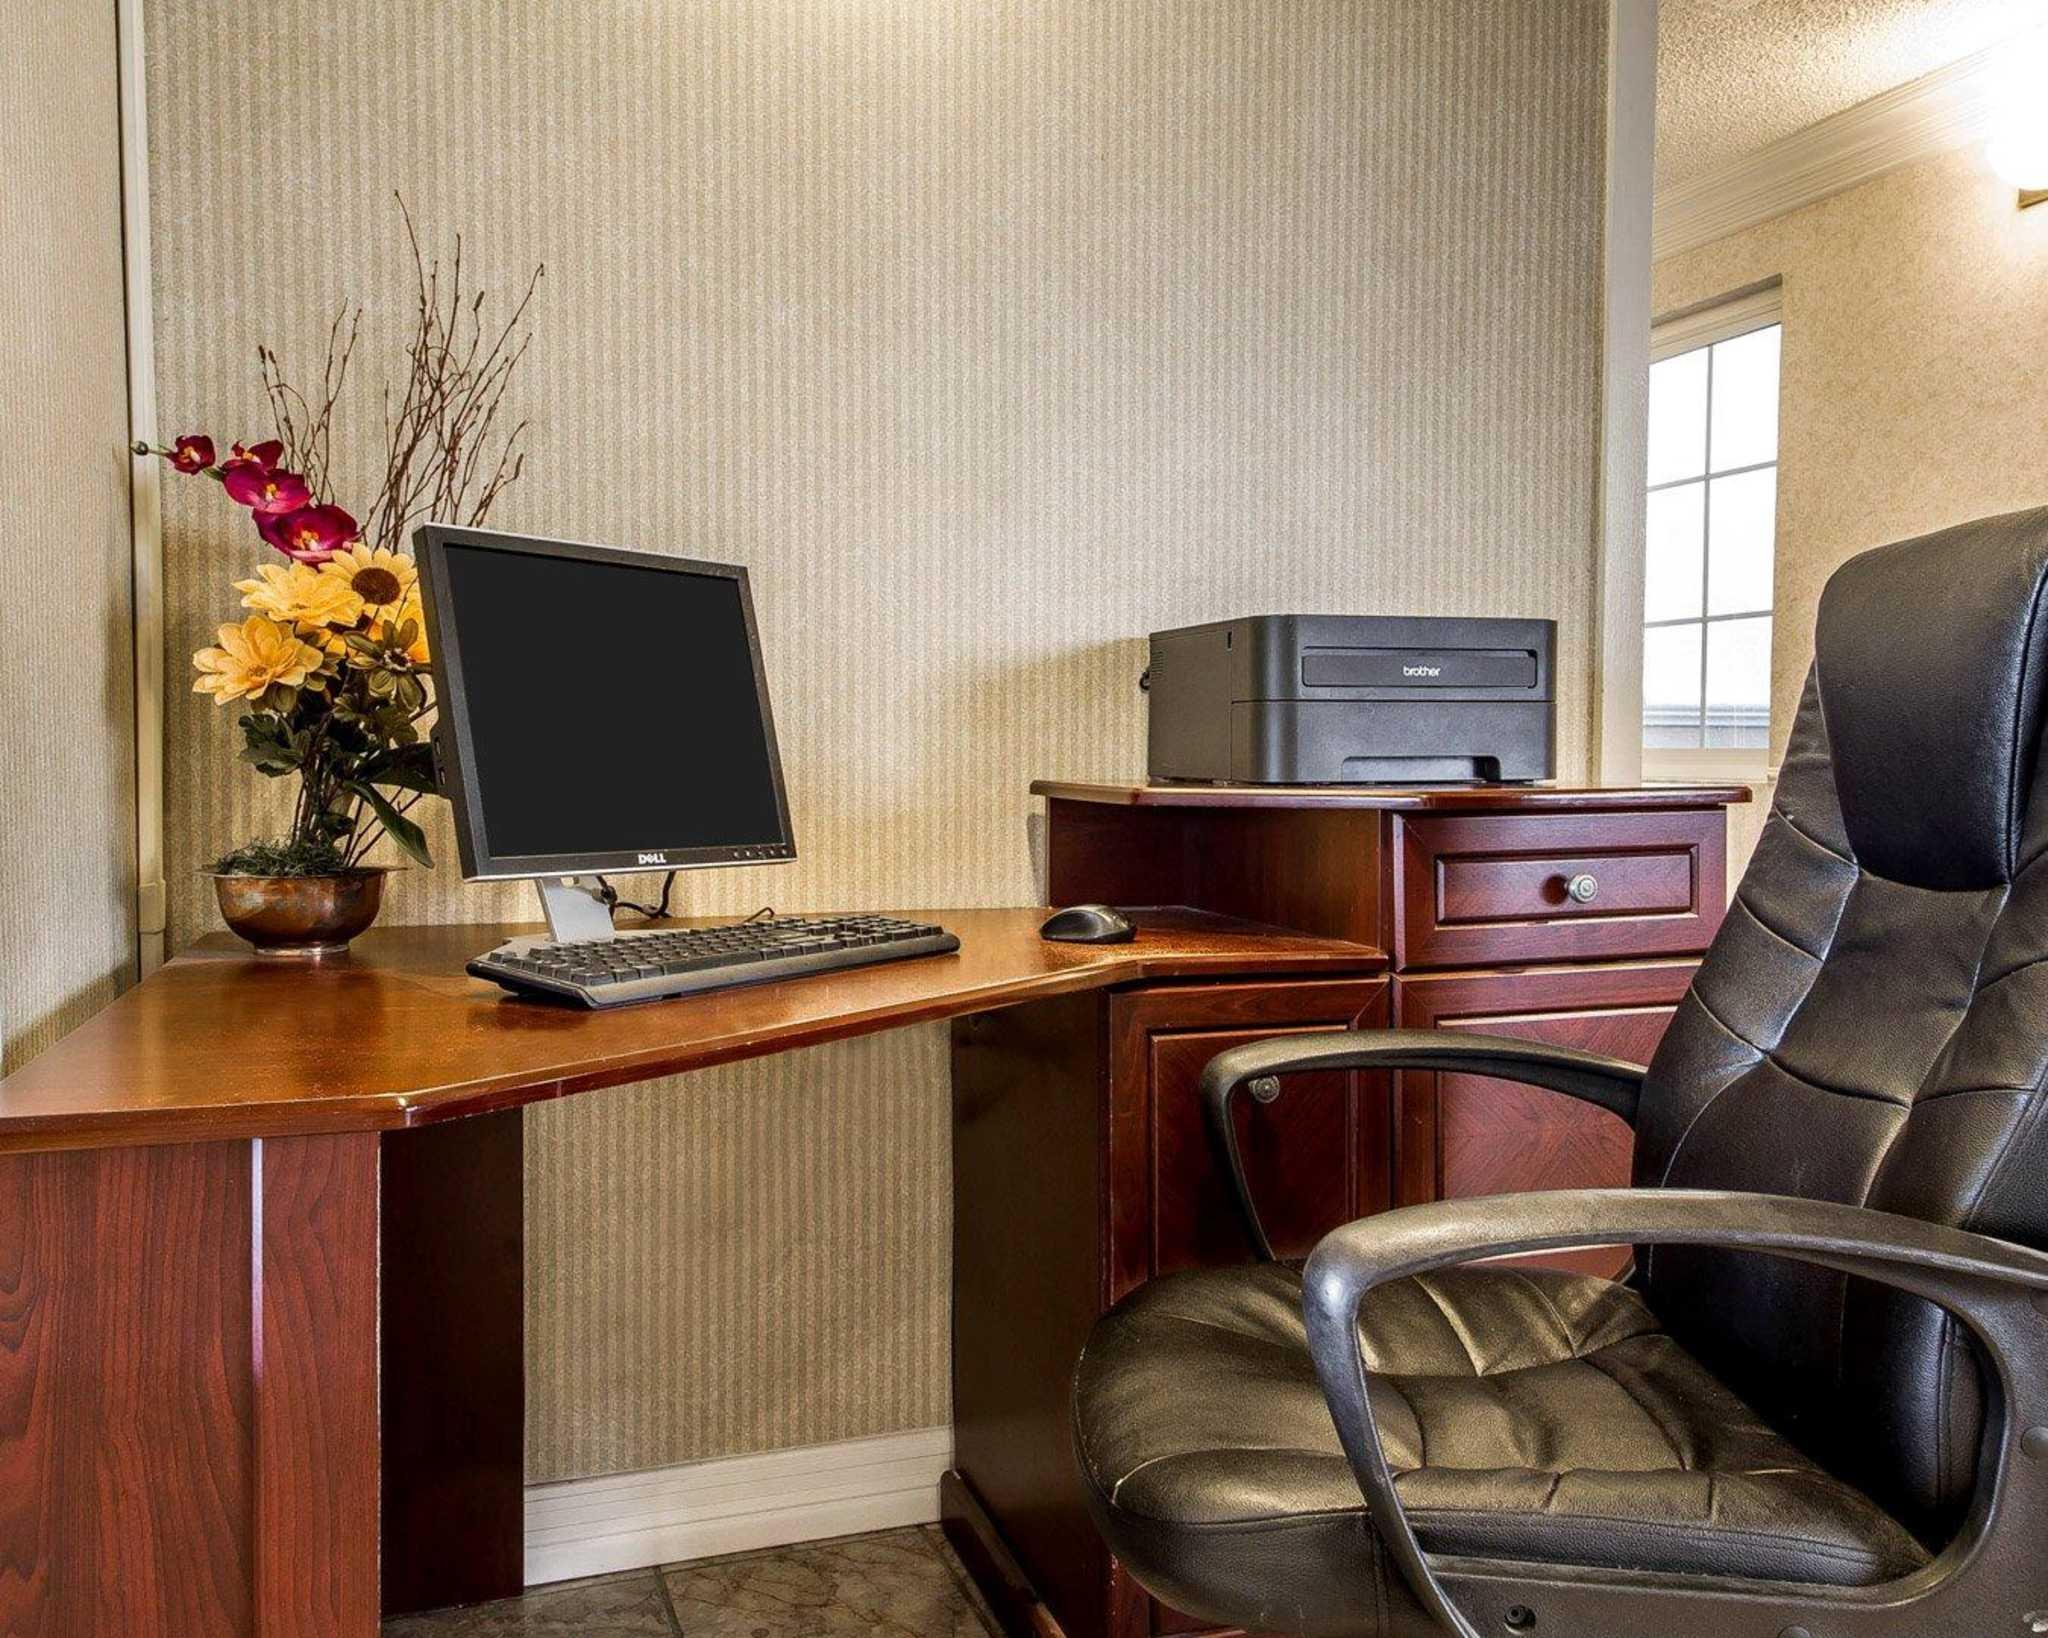 Comfort Inn image 29